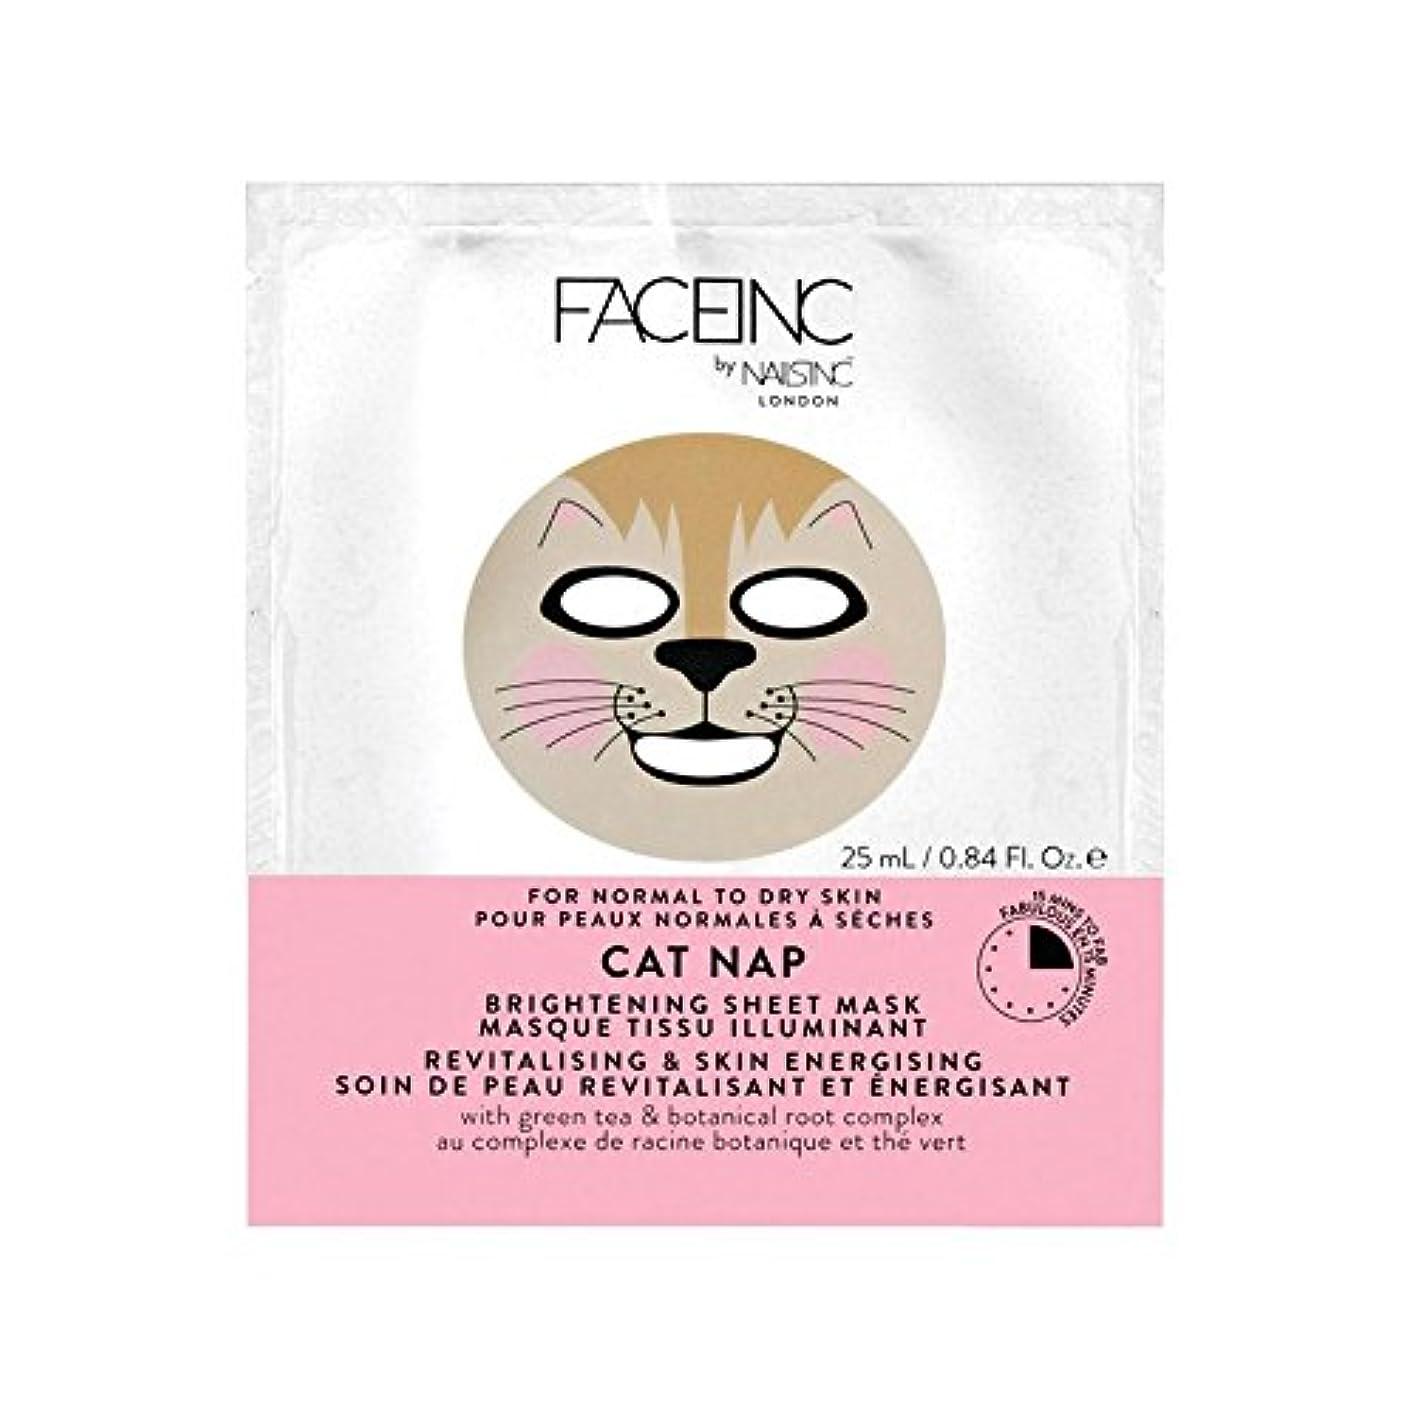 殺します四分円応じる爪が株式会社顔猫の昼寝用マスク x4 - Nails Inc. Face Inc Cat Nap Mask (Pack of 4) [並行輸入品]